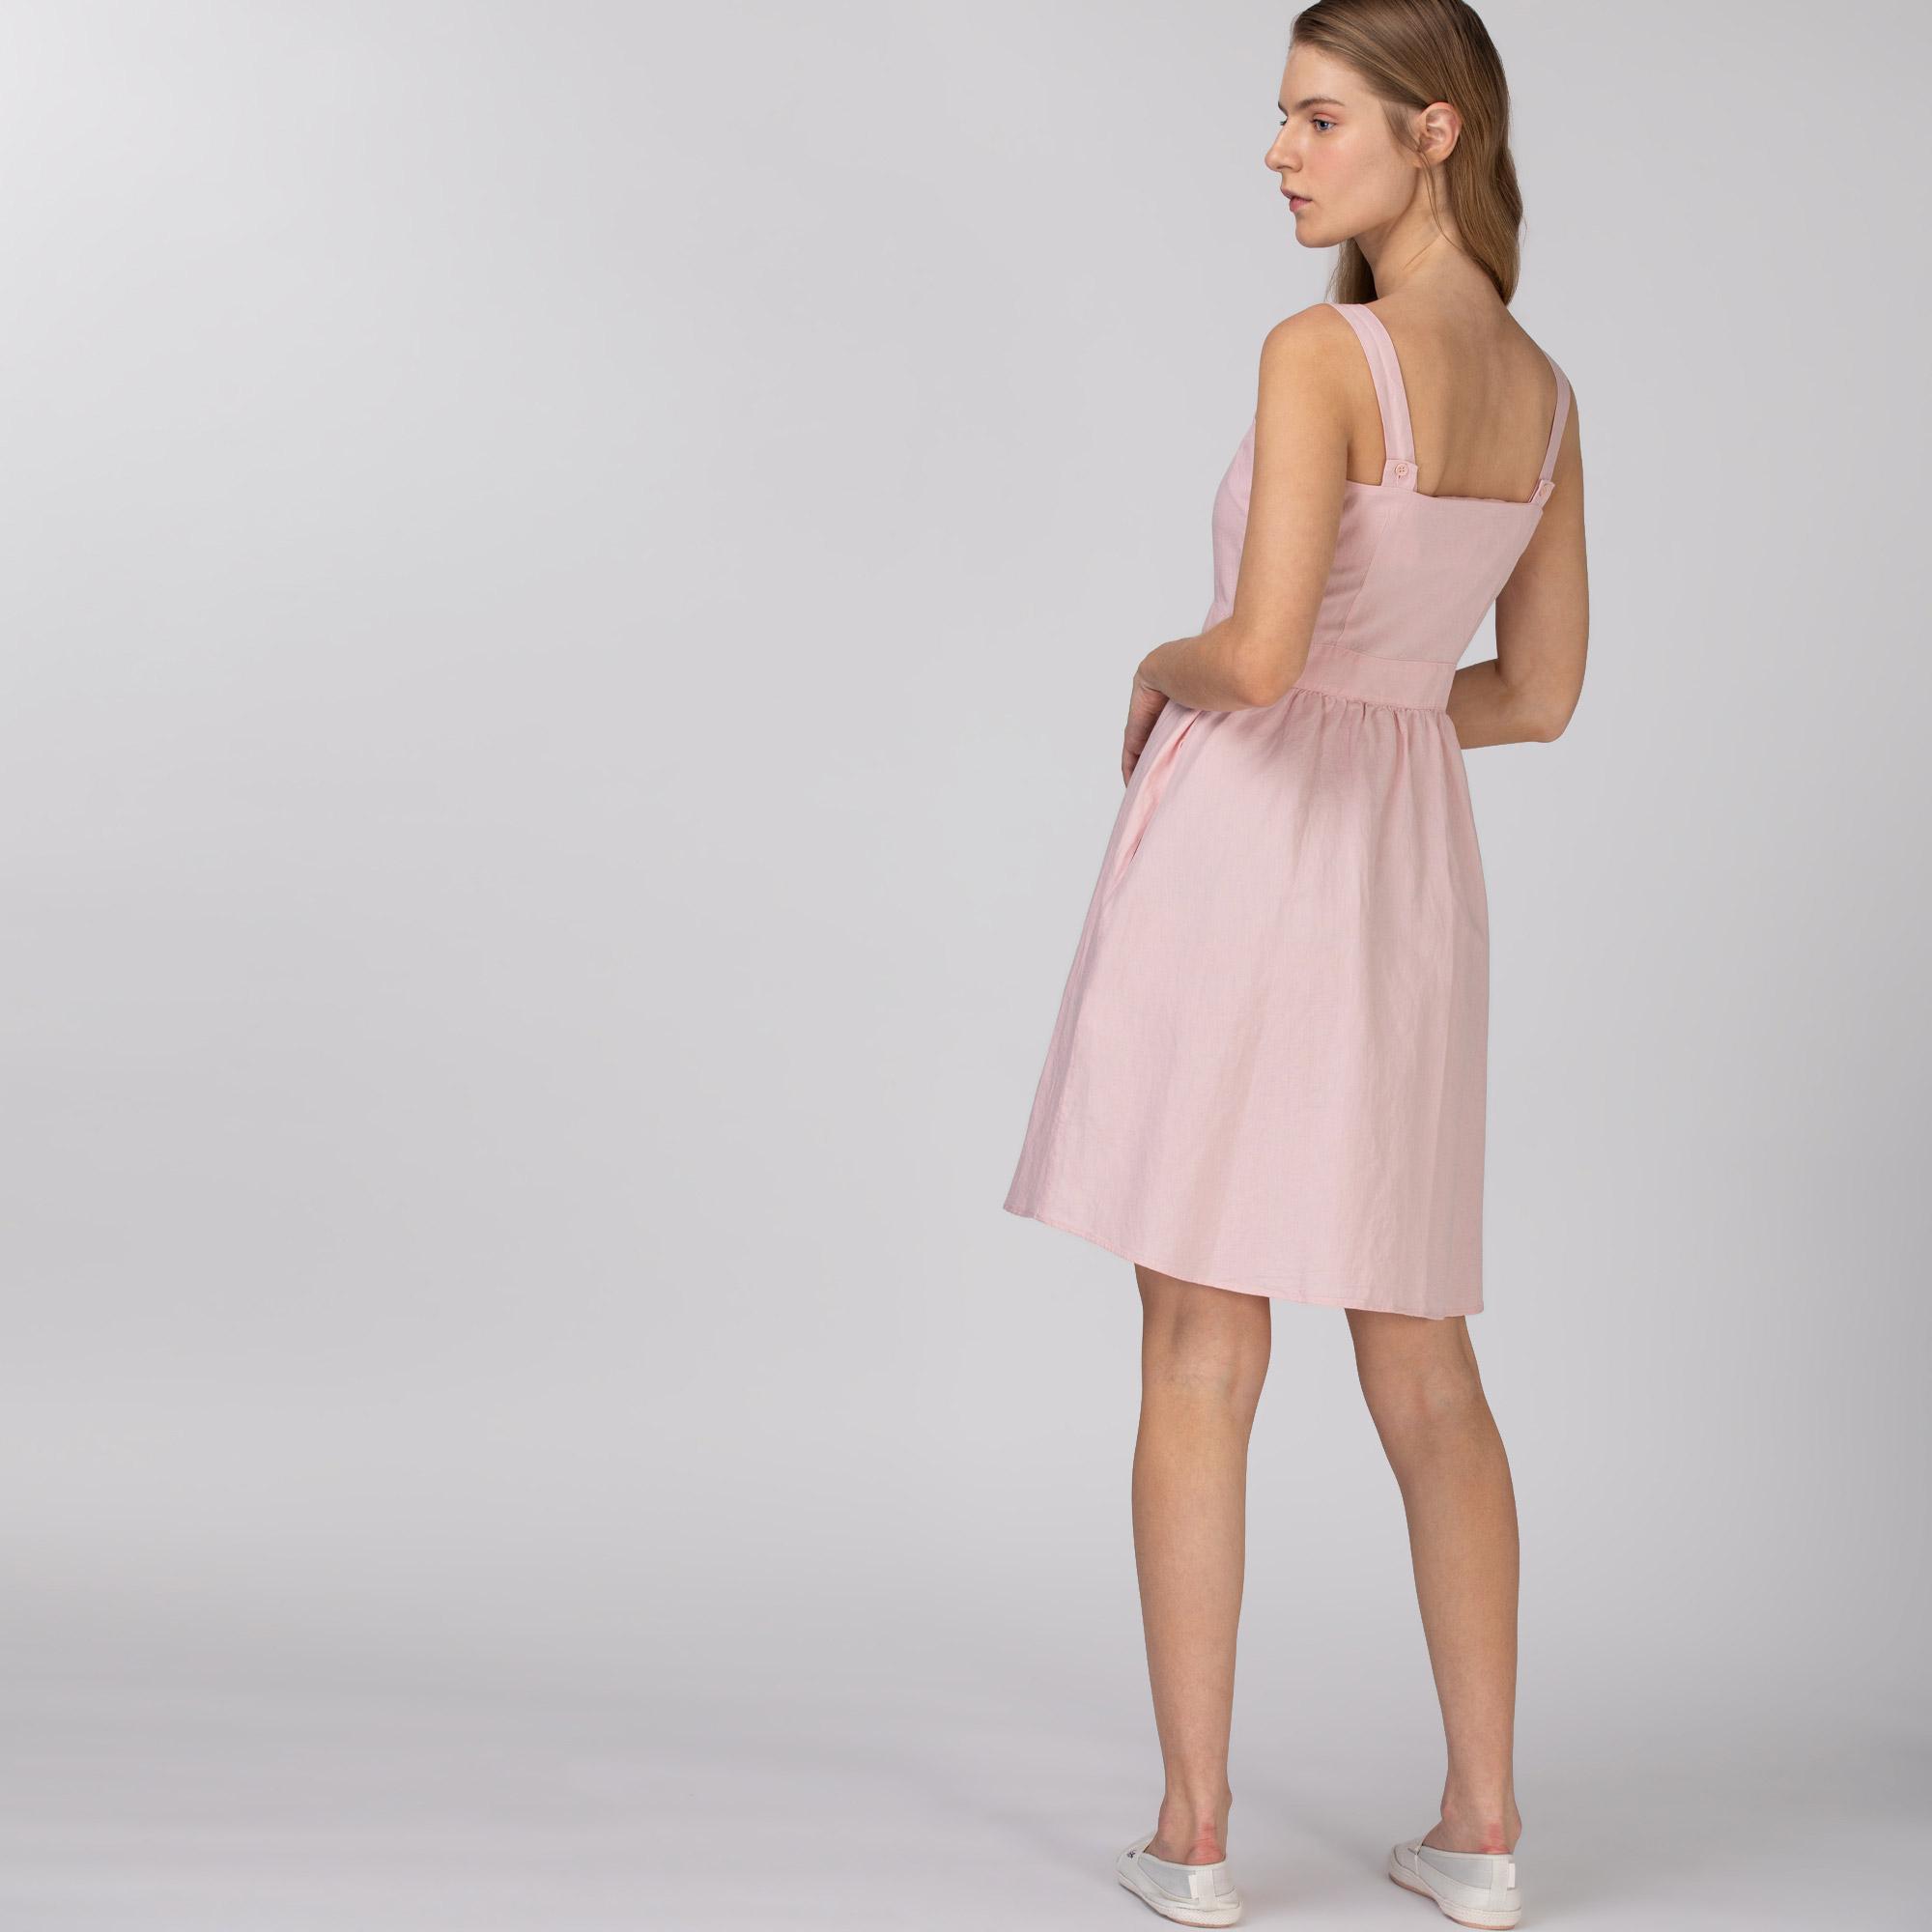 Lacoste Kadın Askılı Pembe Elbise